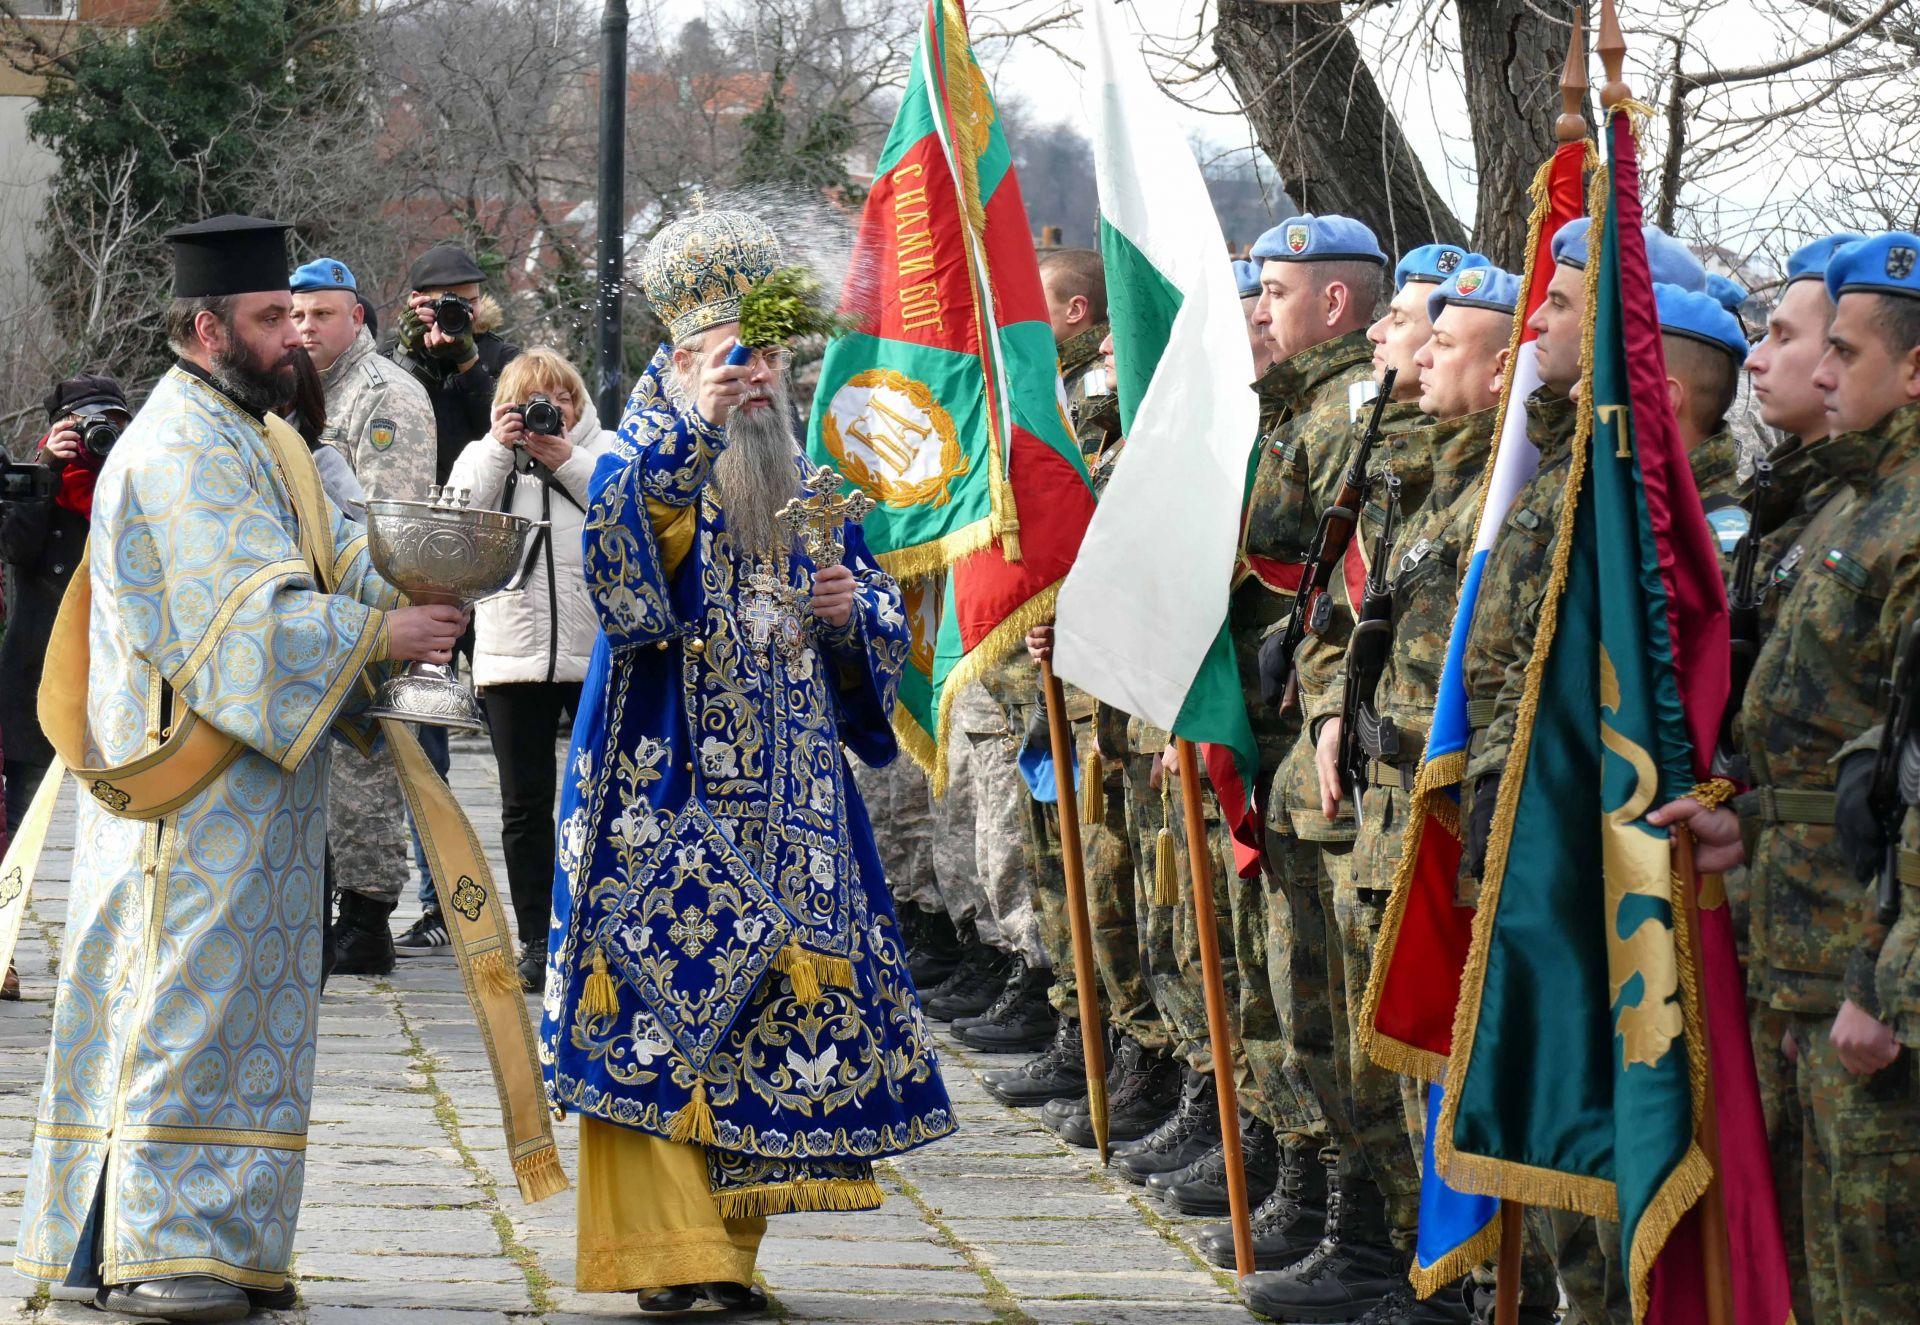 Пловдивският владика митрополит Николай освети бойните знамена на пловдивския гарнизон и поведе голямото литийно шествие до река Марица